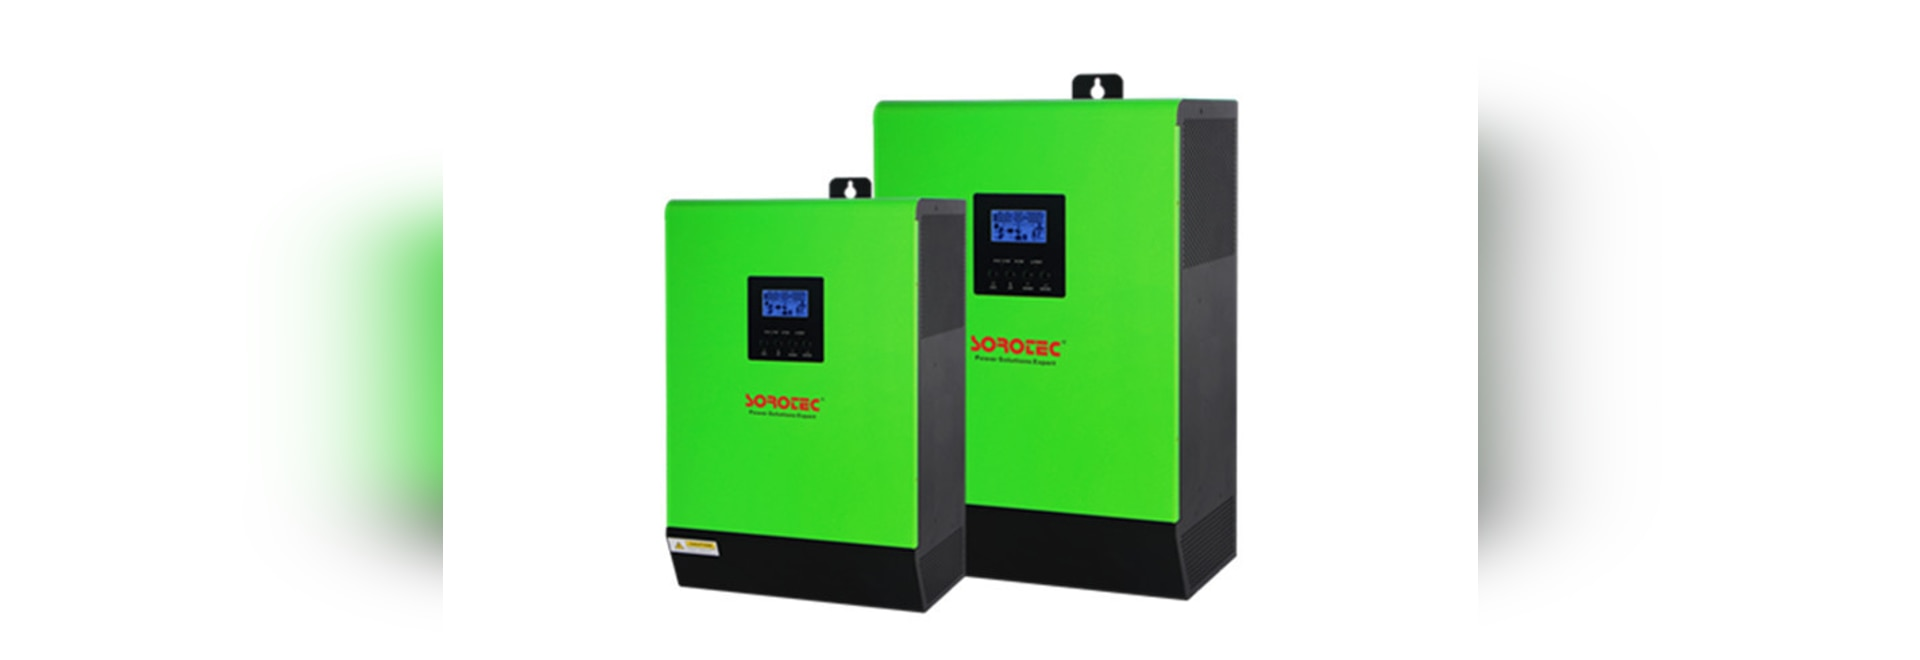 Inversor híbrido en rejilla y del inversor de corriente solar de la rejilla con el regulador de MPPT para el sistema SSP3119C 1000-5000VA del panel solar